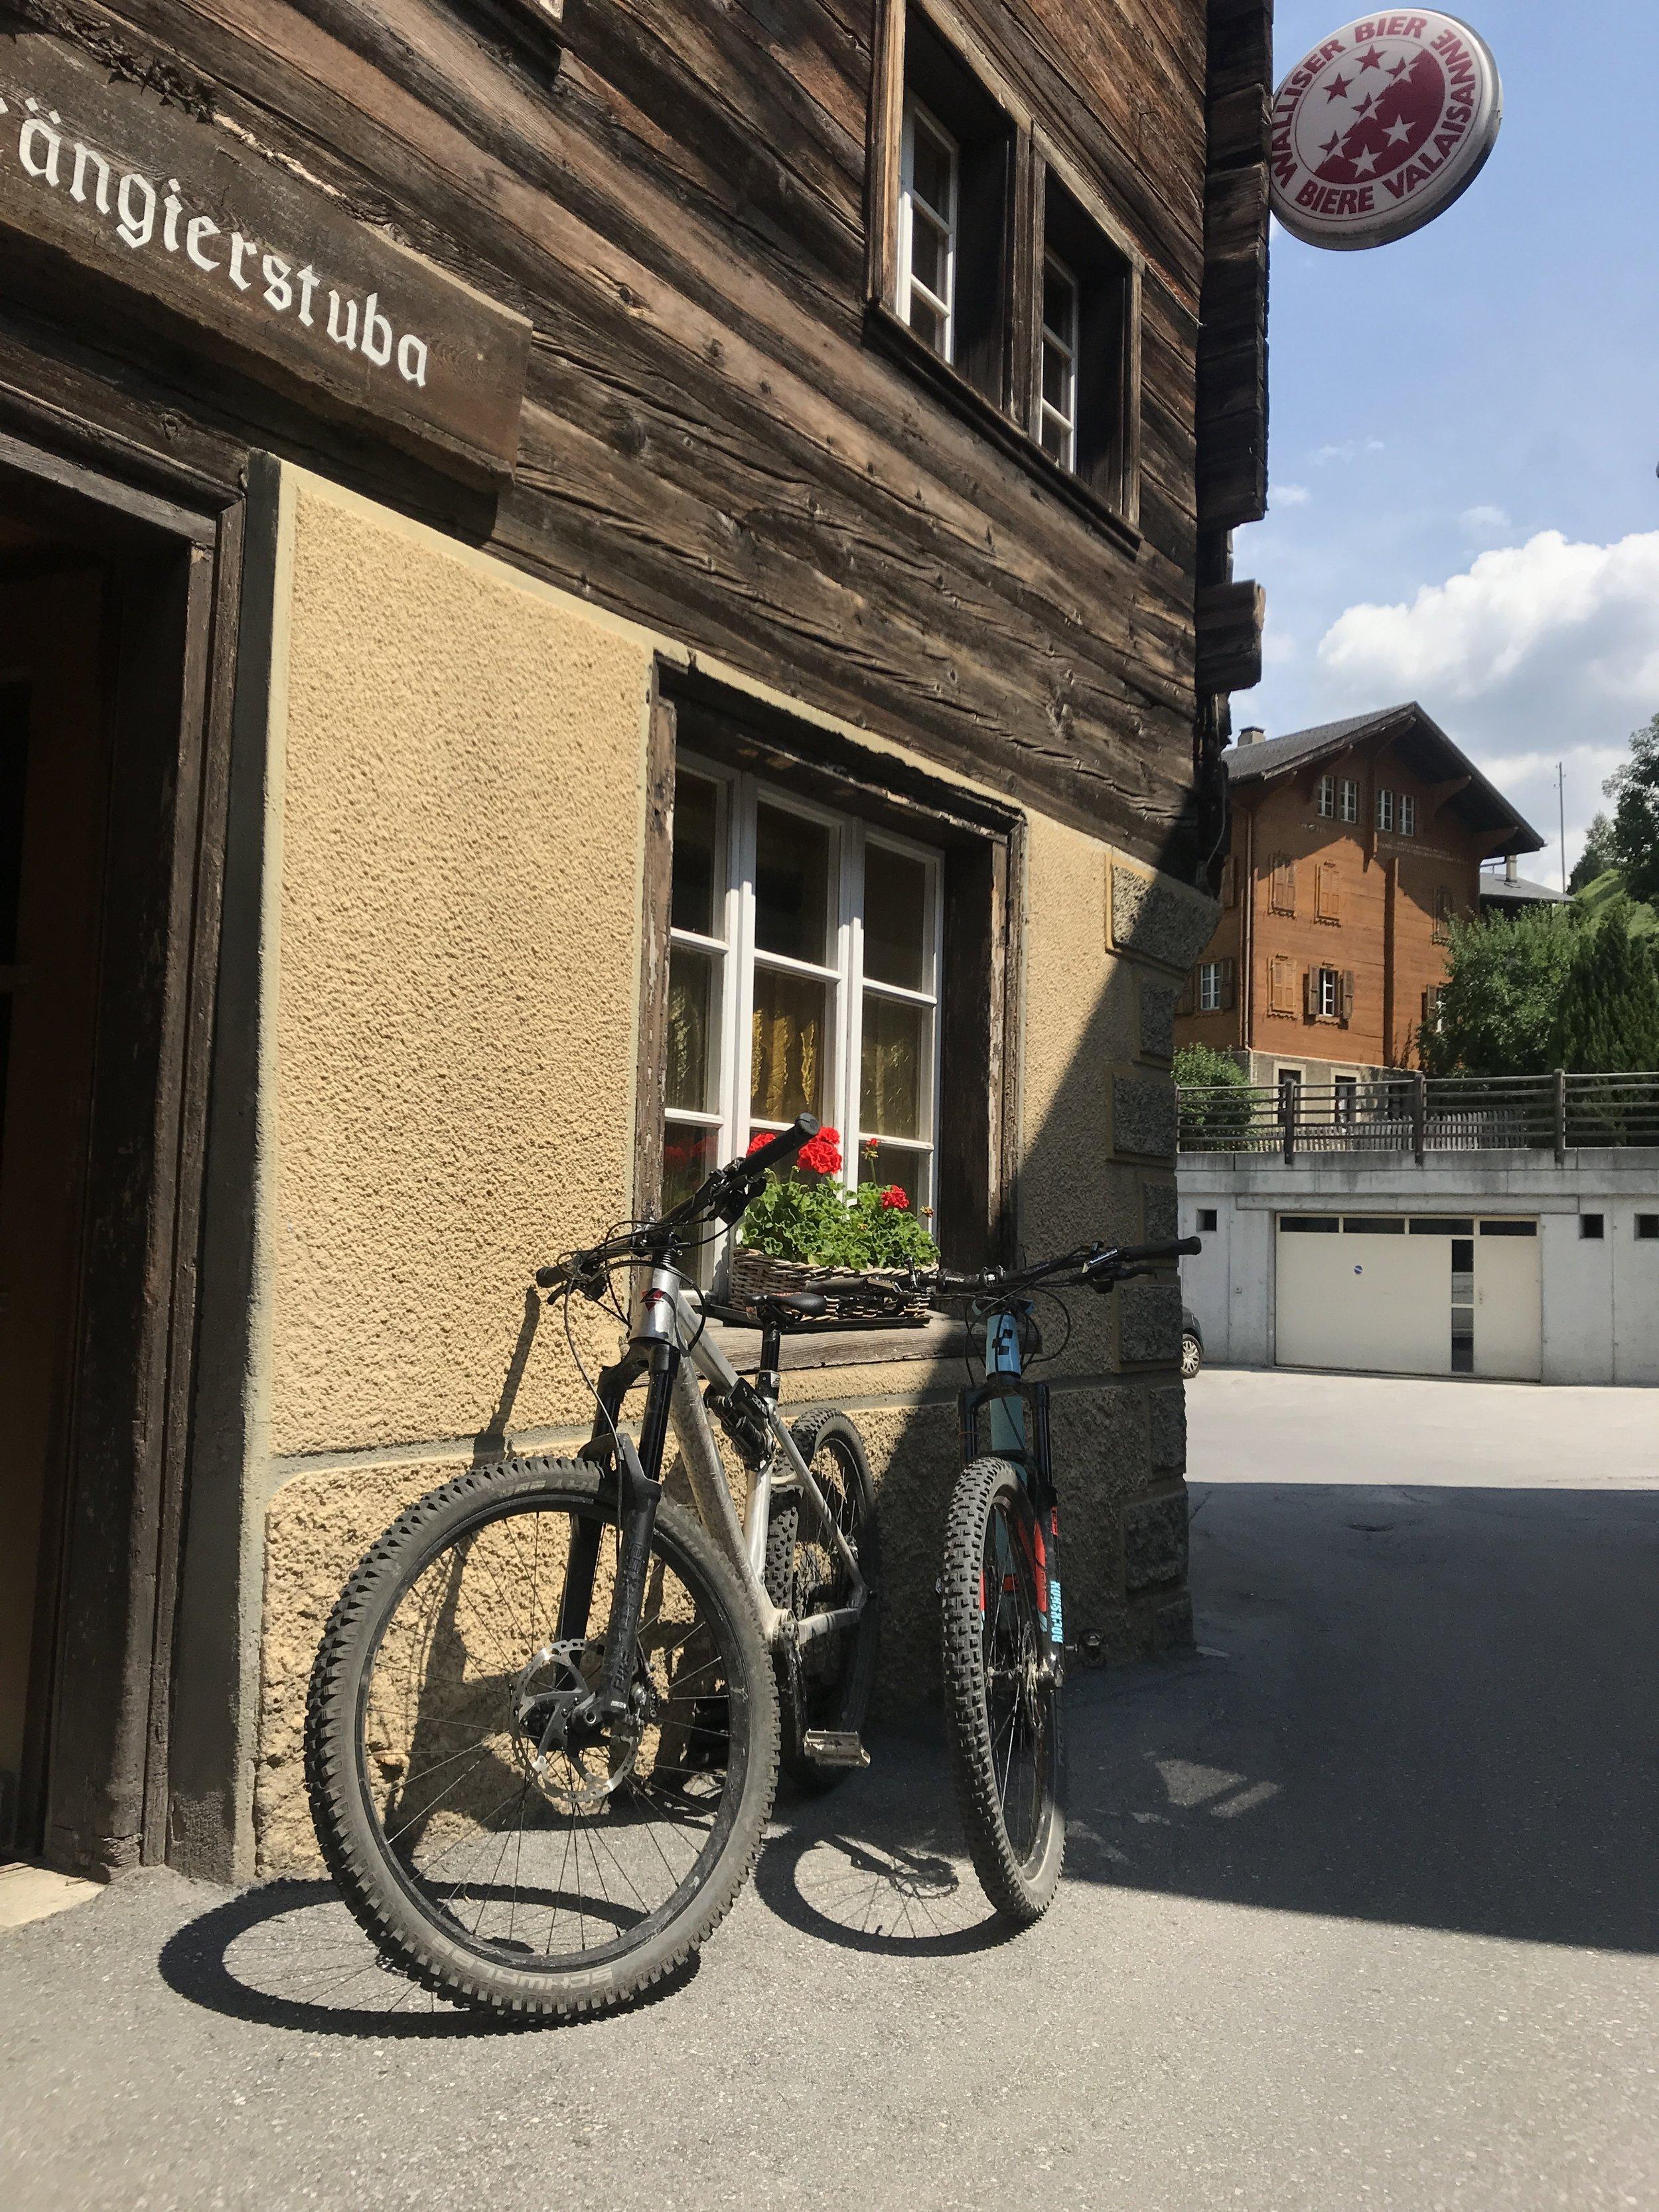 Mittagspause für unsere Mountainbikes...